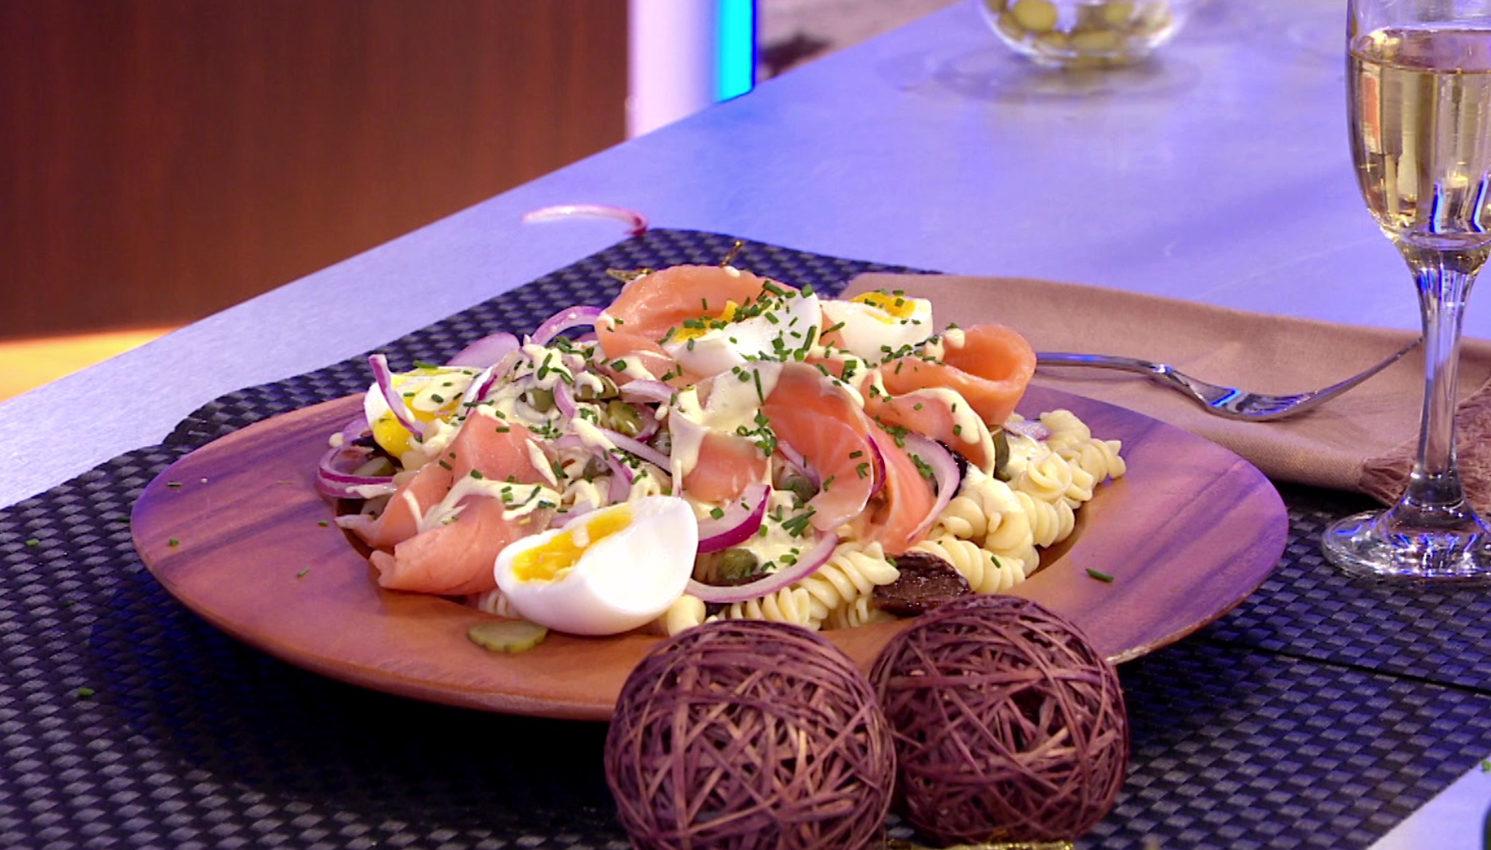 Ensalada fresca de pasta salm n ahumado y huevo mollet - Ensalada fresca de pasta ...